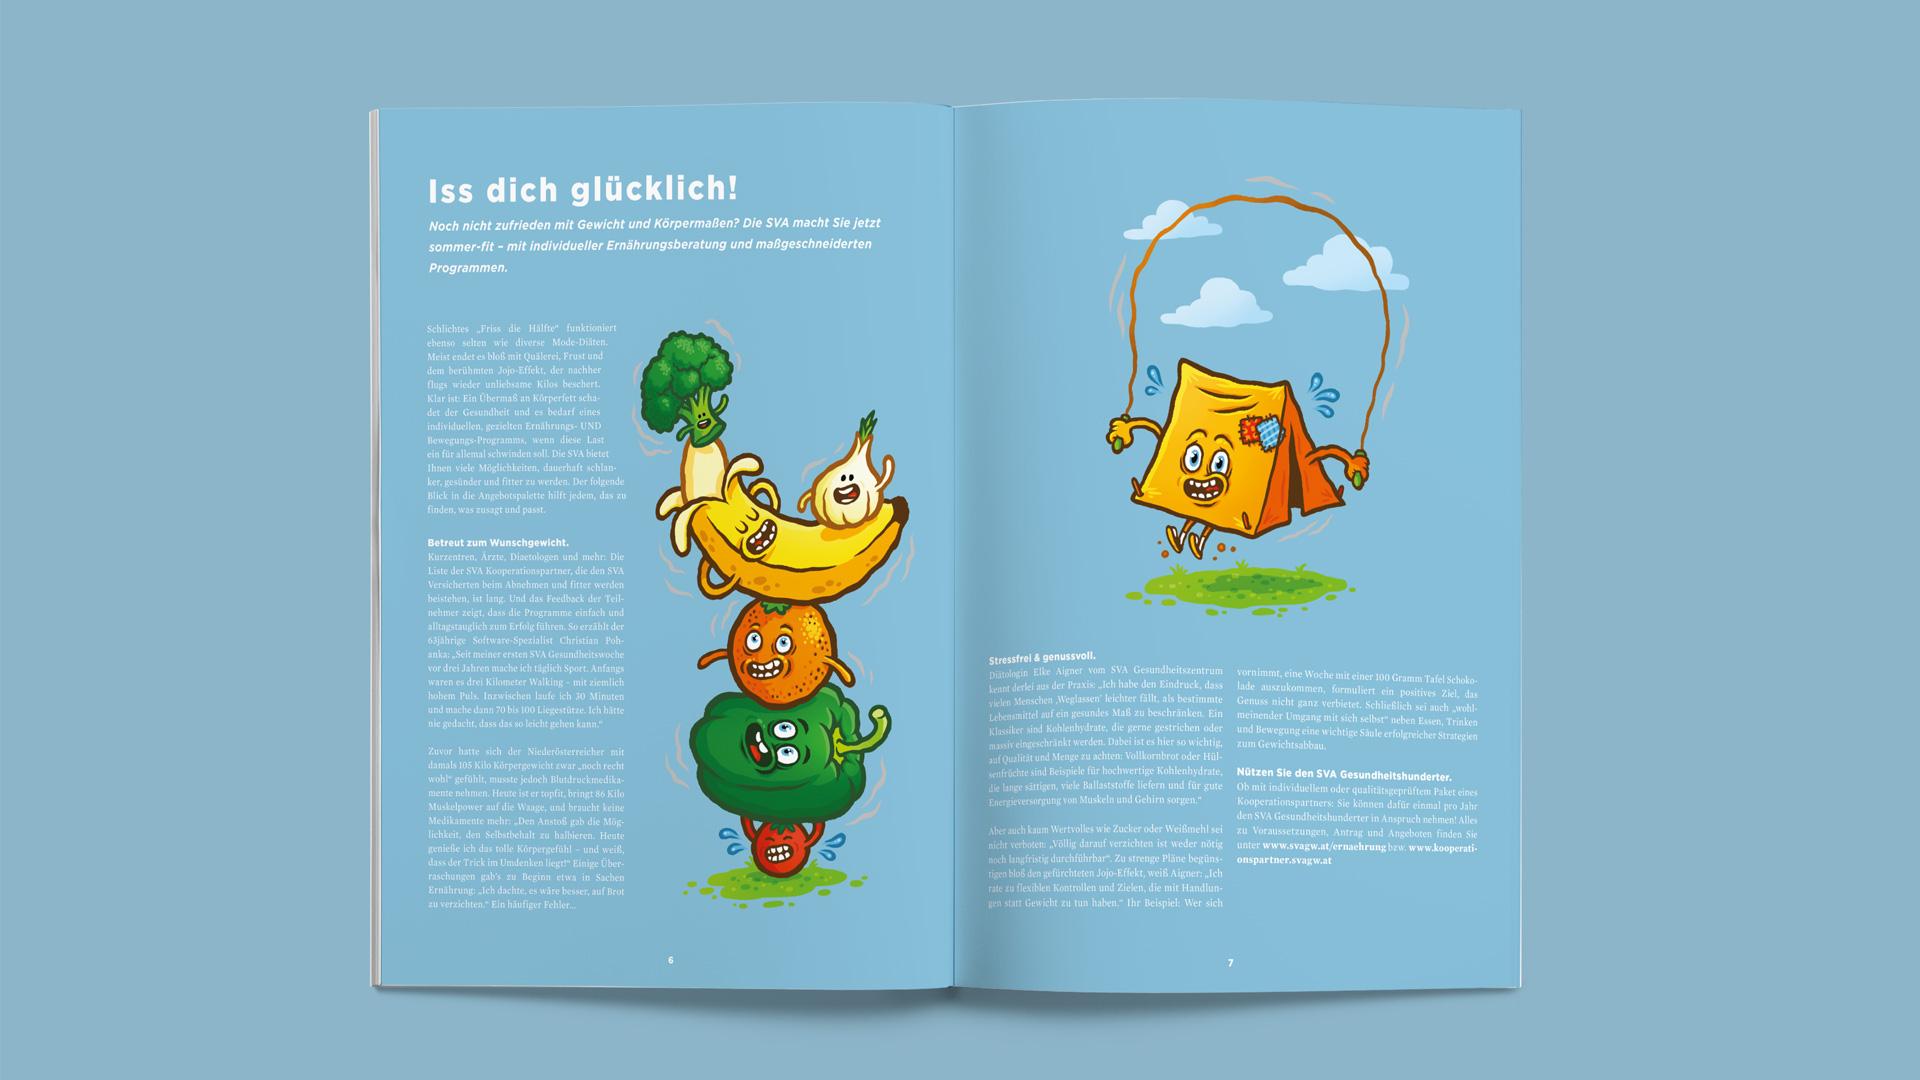 SVA Magazin – Iss dich glücklich